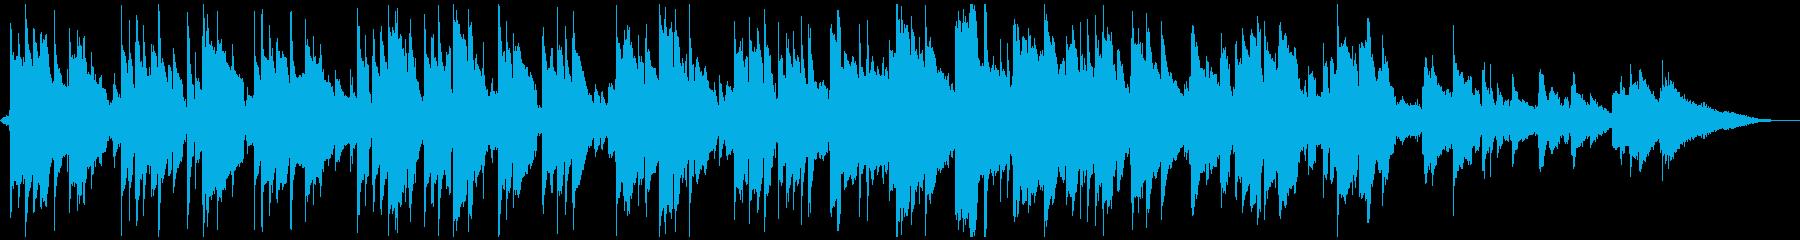 牧歌的なアコギソロ【波の音&蝉の声入り】の再生済みの波形